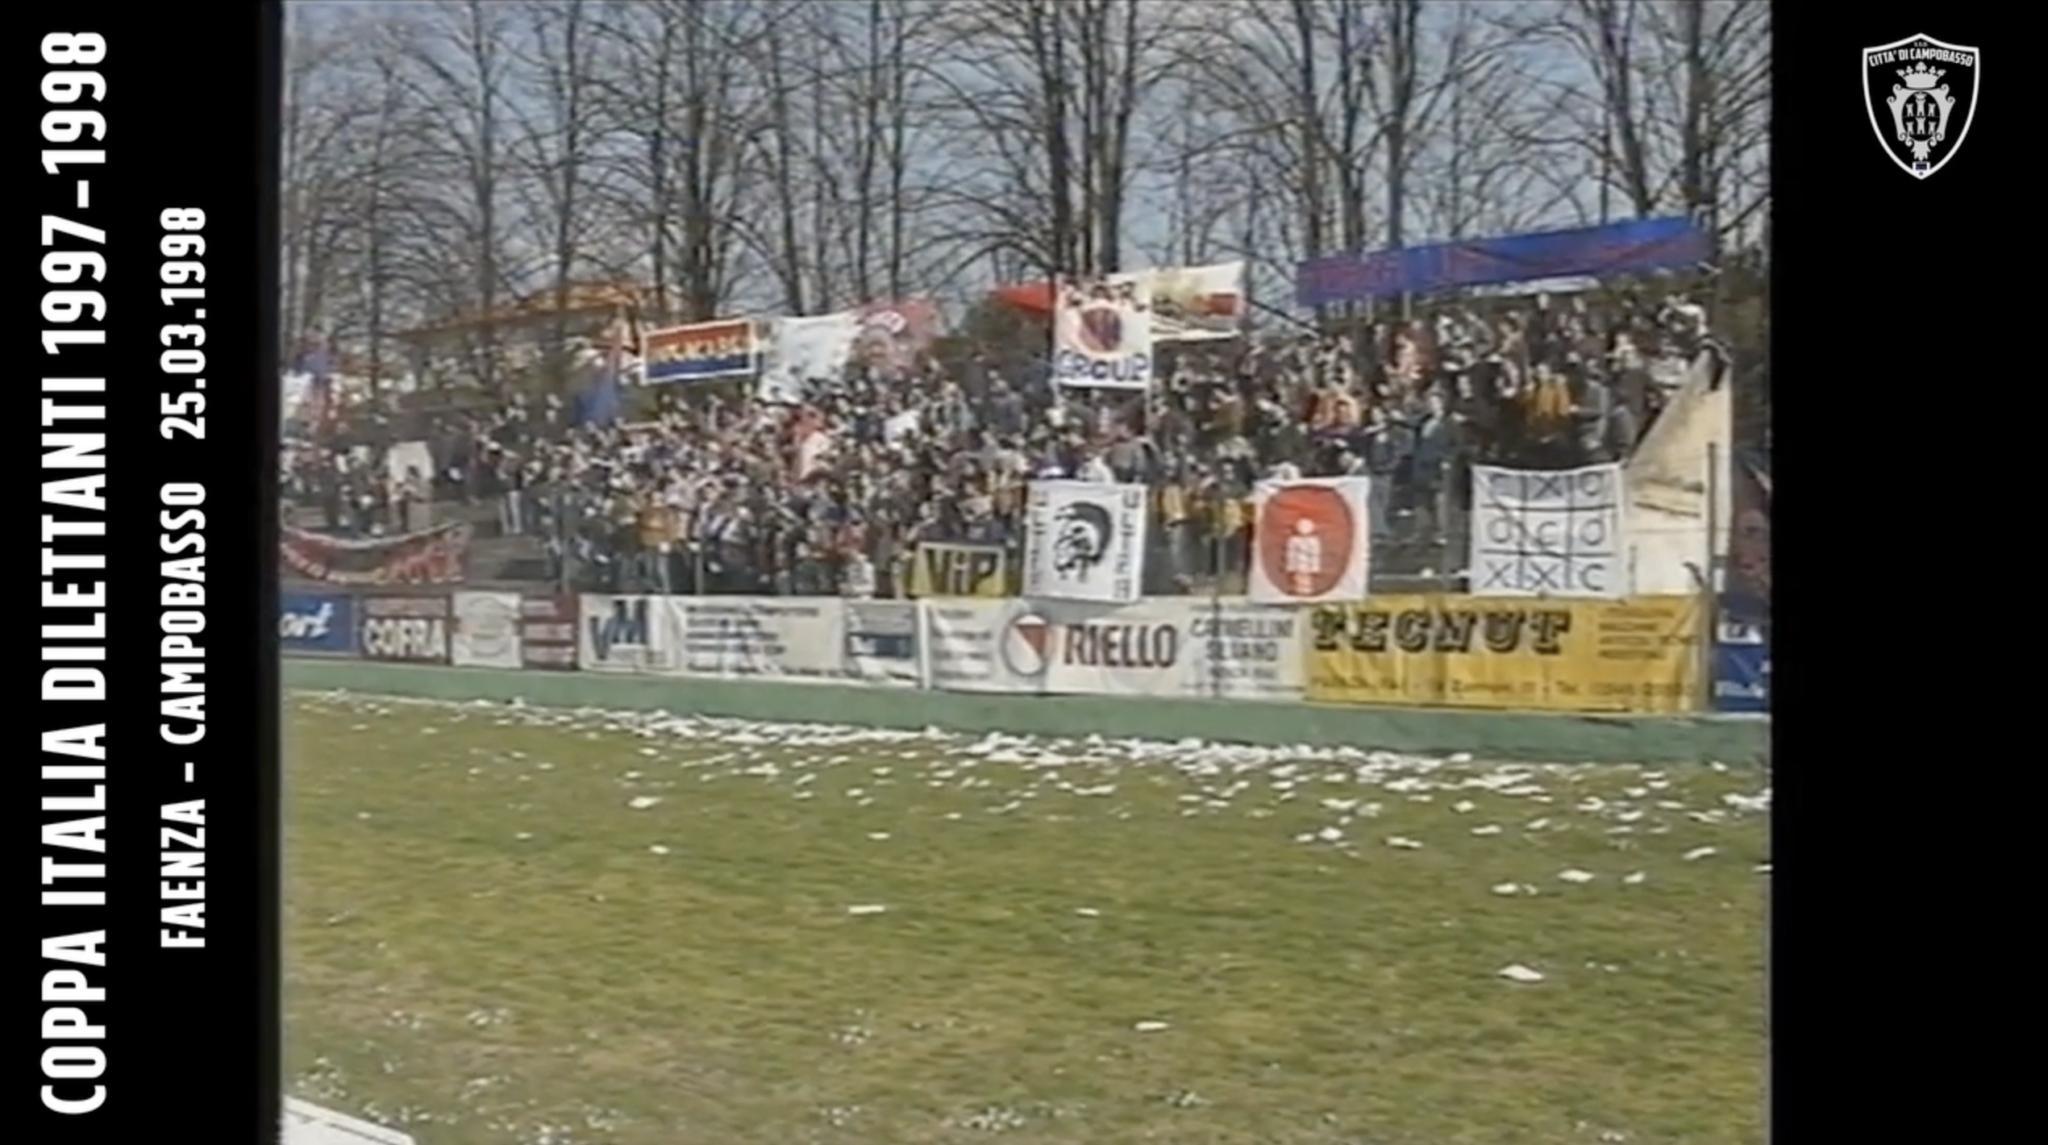 campobasso calcio finale coppa italia faenza